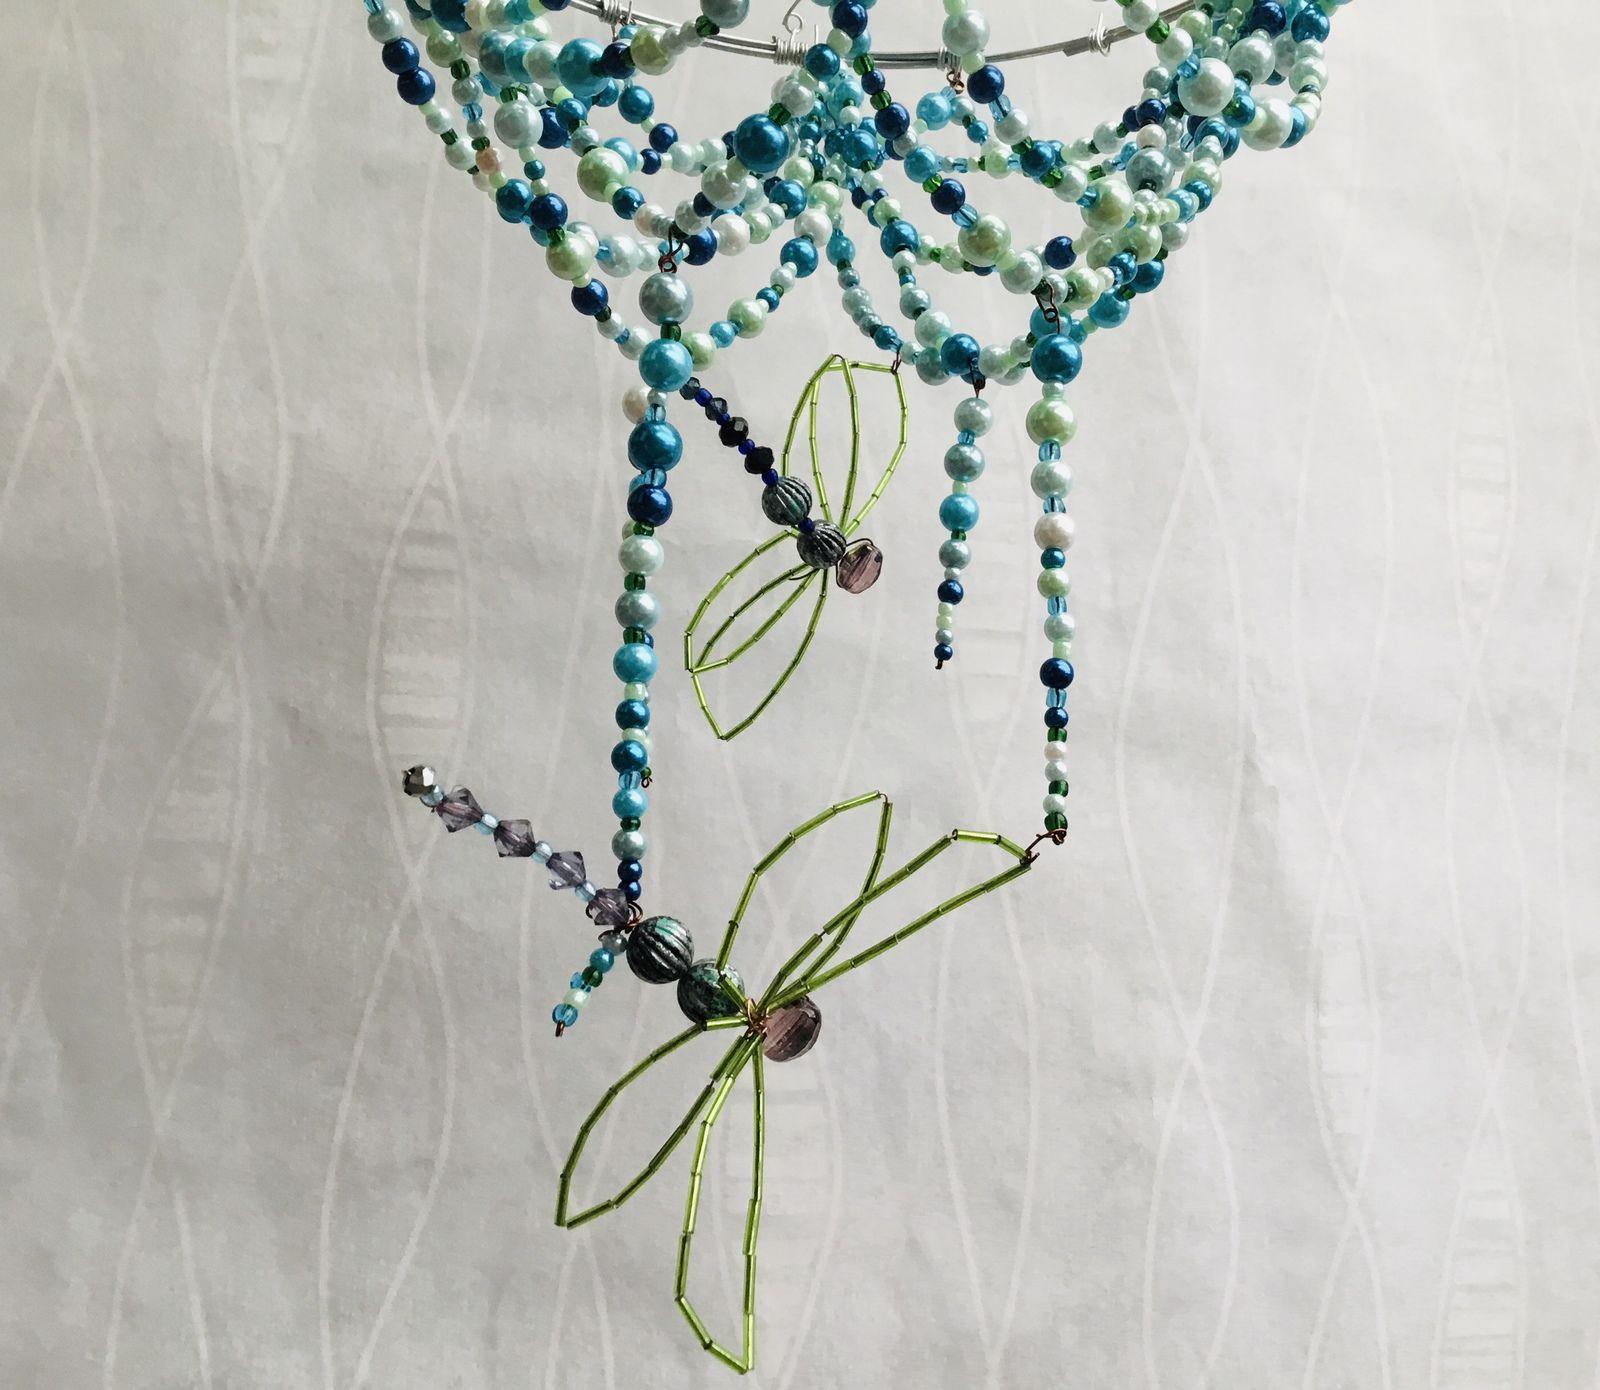 Abat jour original en perles de verre nacrées et libellules en perles.structure en fer . 23 cm diamètre, 40 cm hauteur totale.